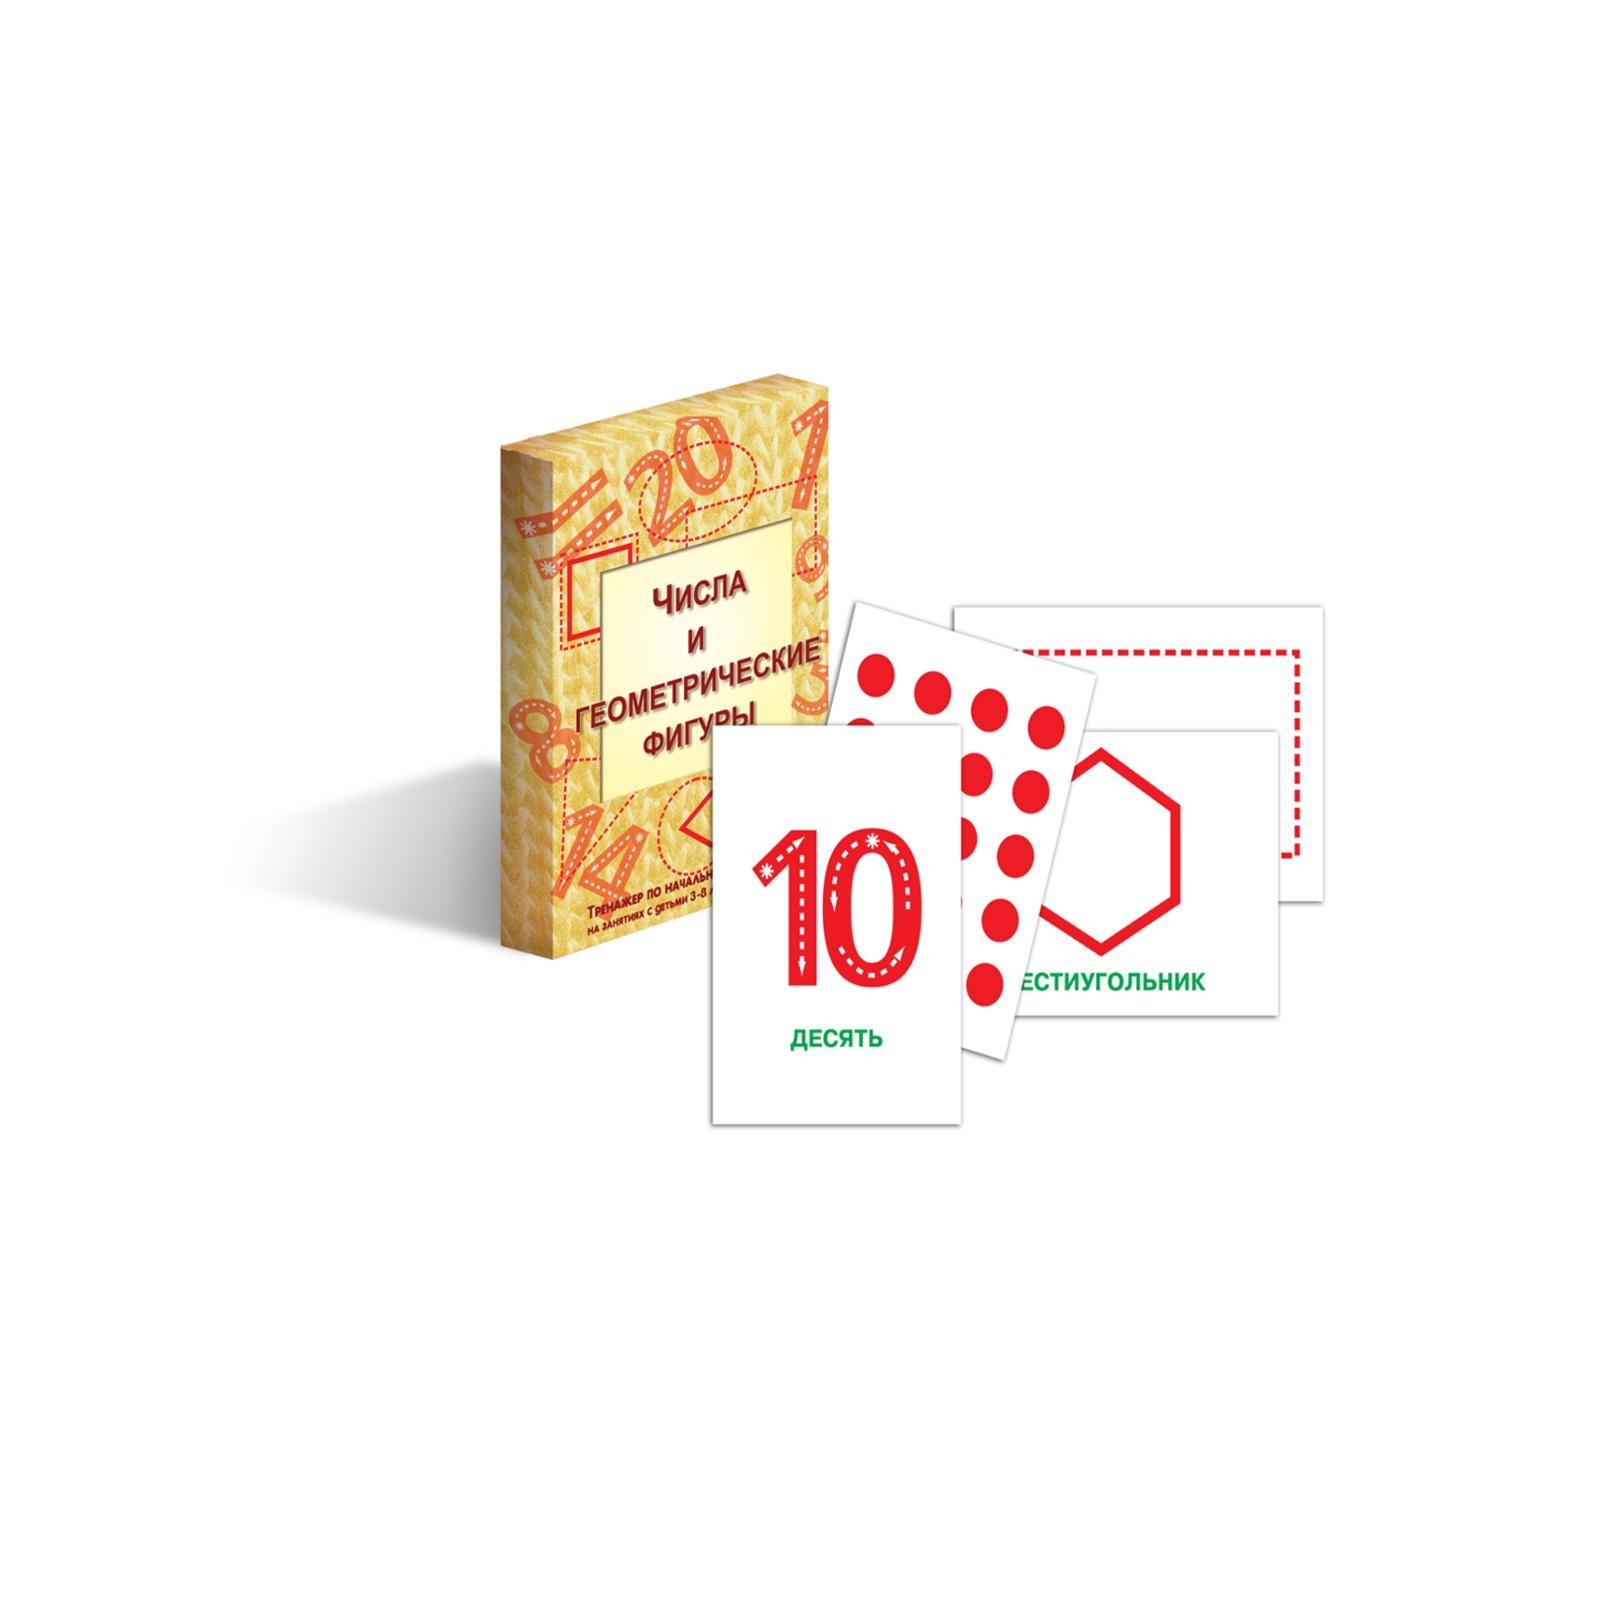 Карточки-тренажеры Маленький гений Числа и геометрические фигуры (33 карточки)